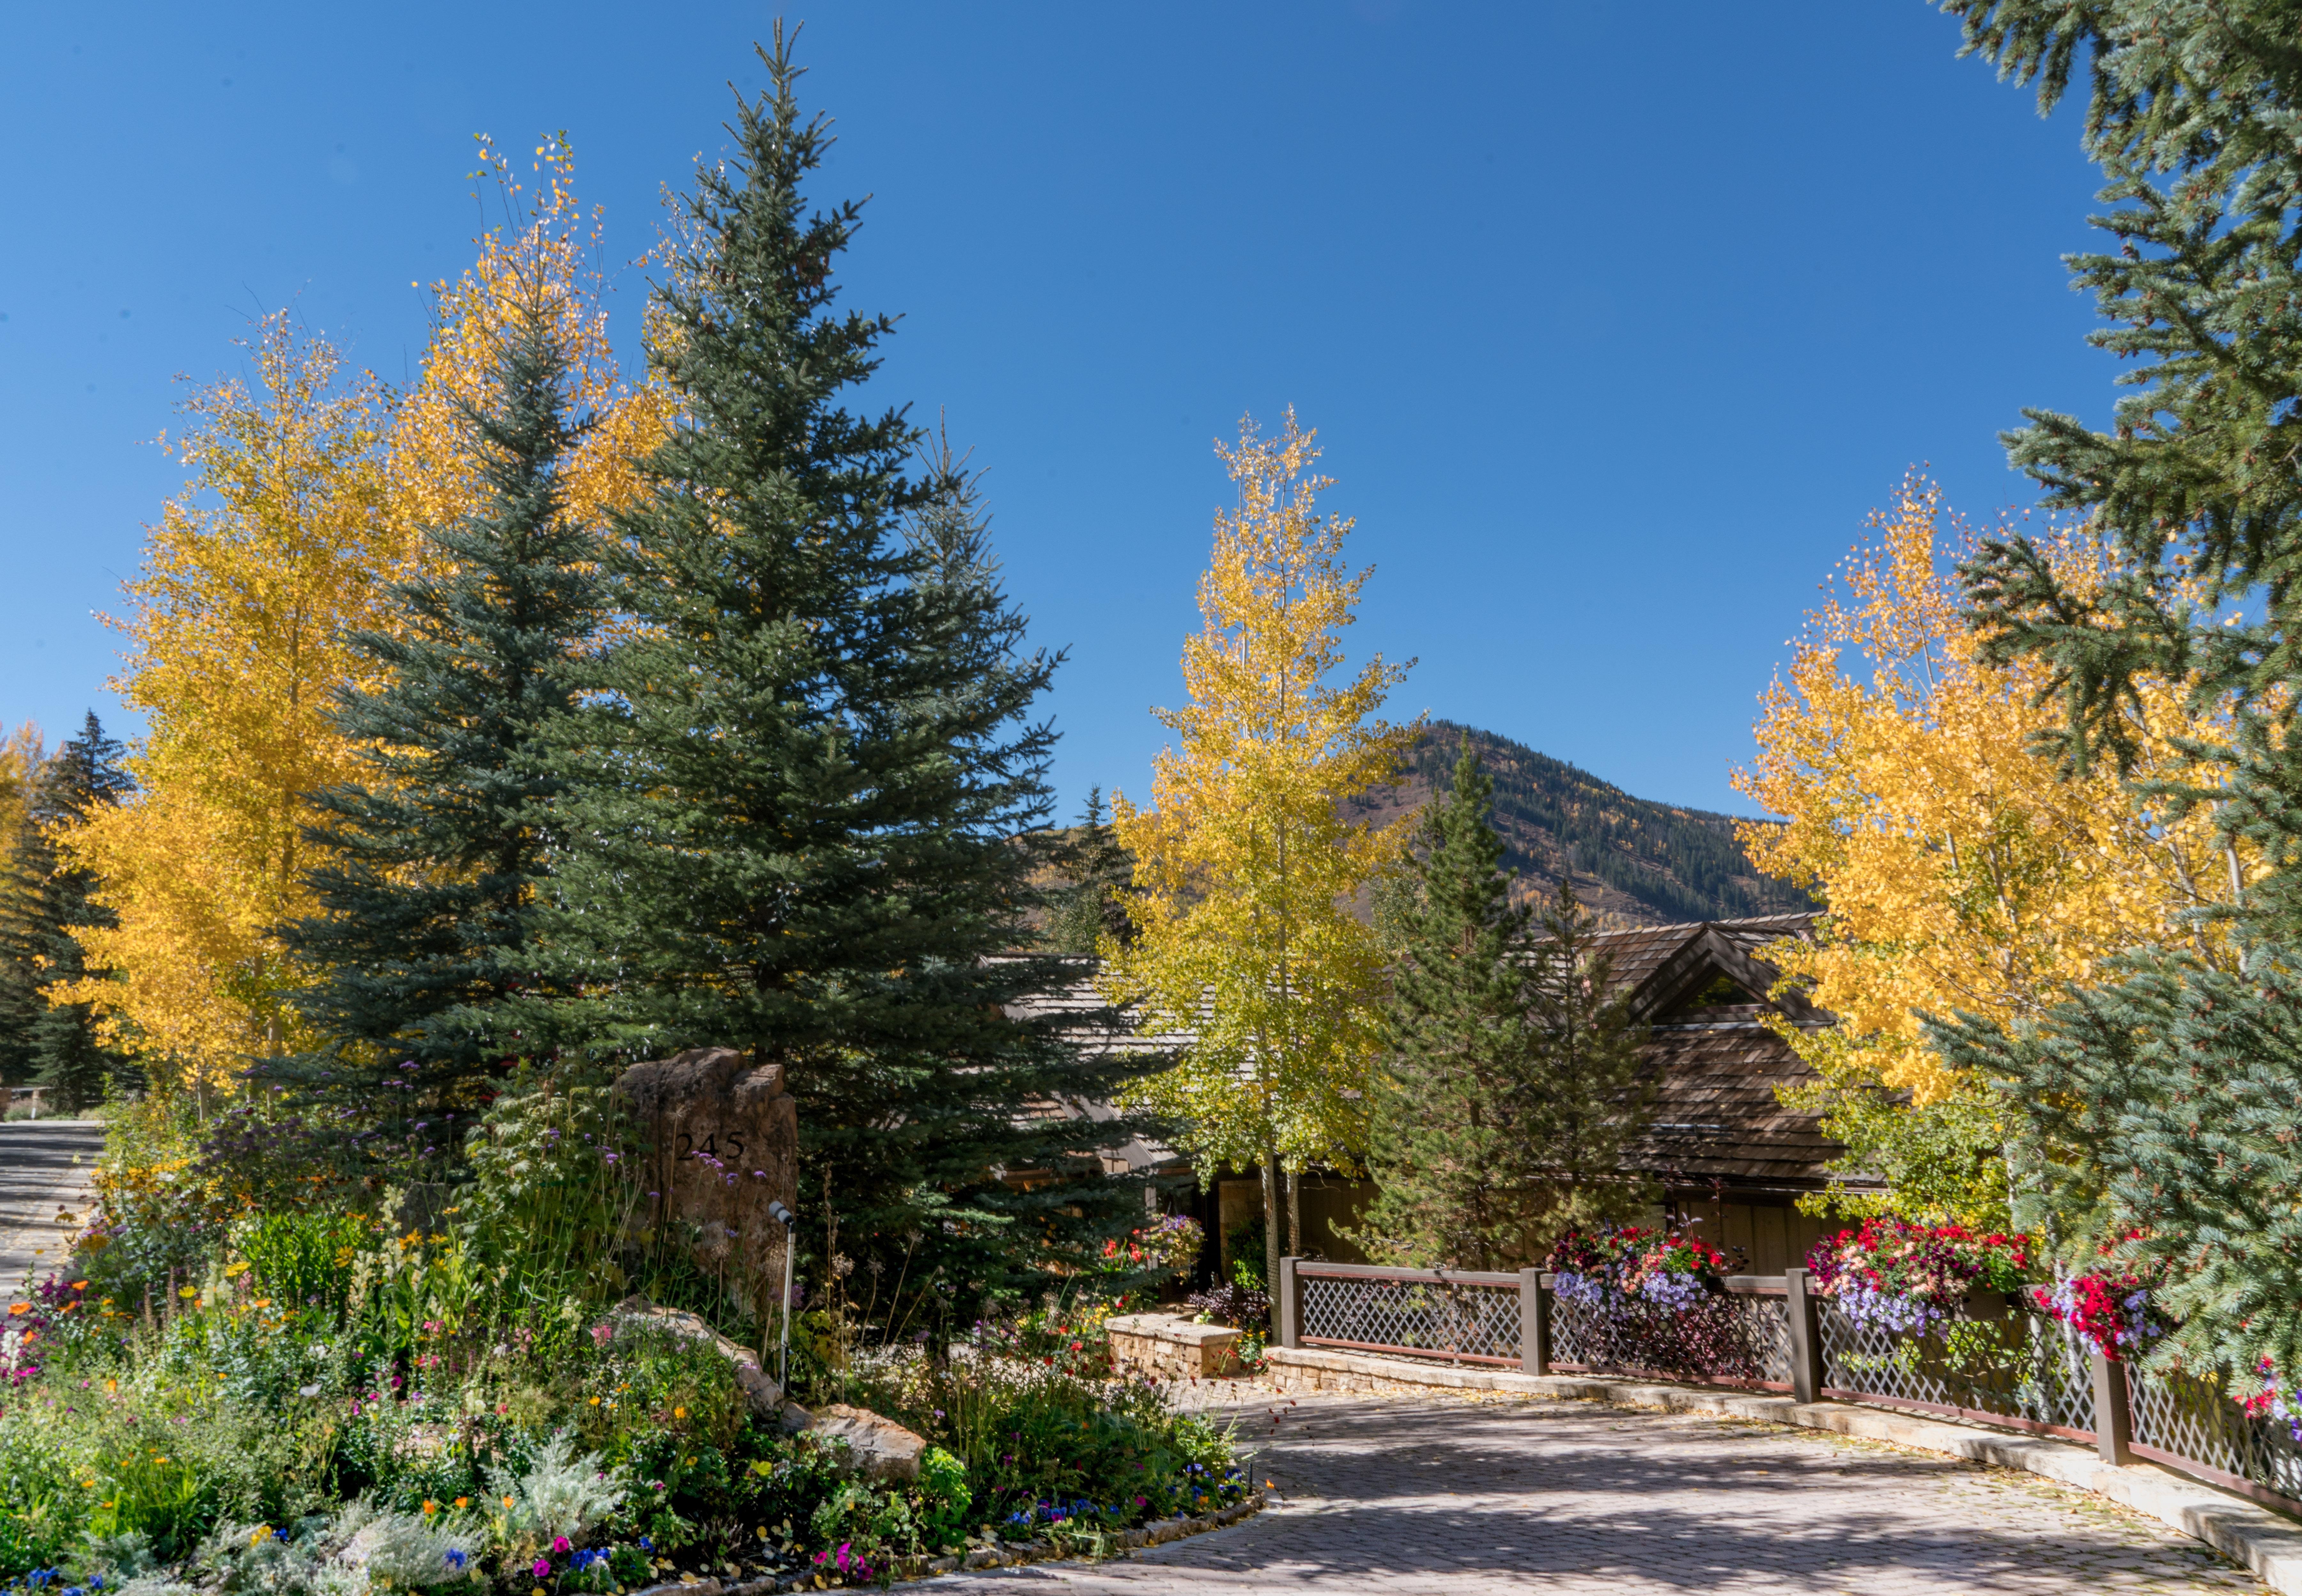 Images gratuites paysage arbre la nature for t for Sapin d ornement jardin